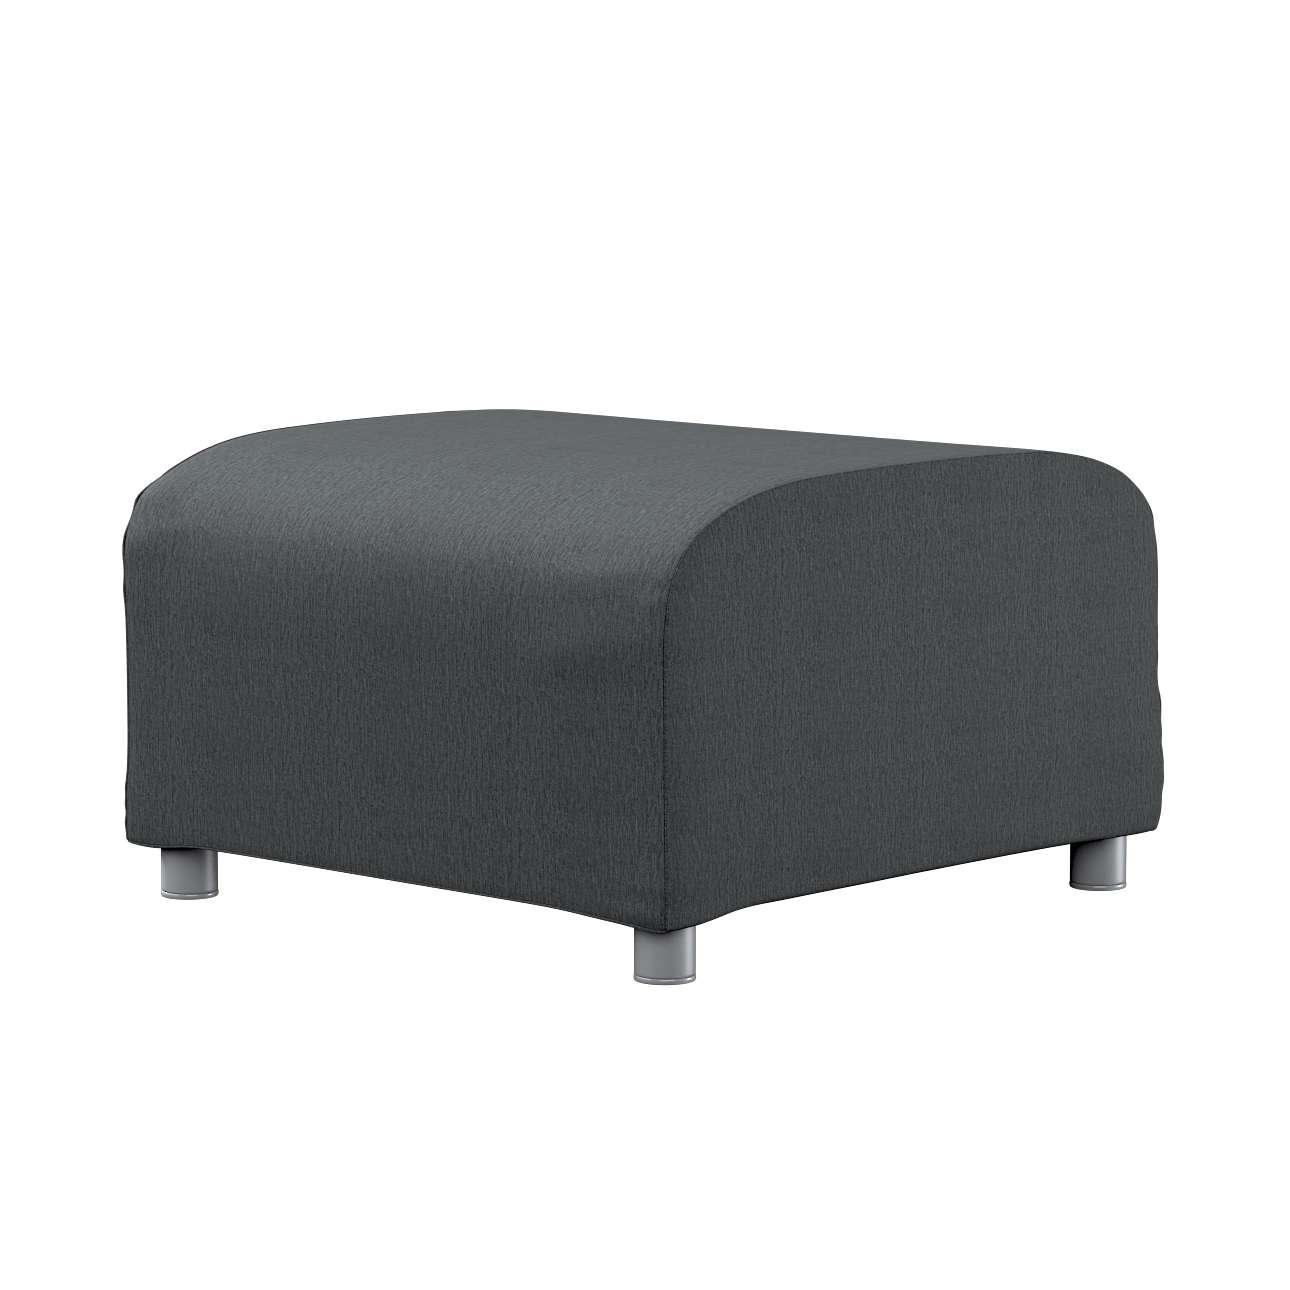 KLIPPAN pufo užvalkalas Klippan footstool cover kolekcijoje Chenille, audinys: 702-20